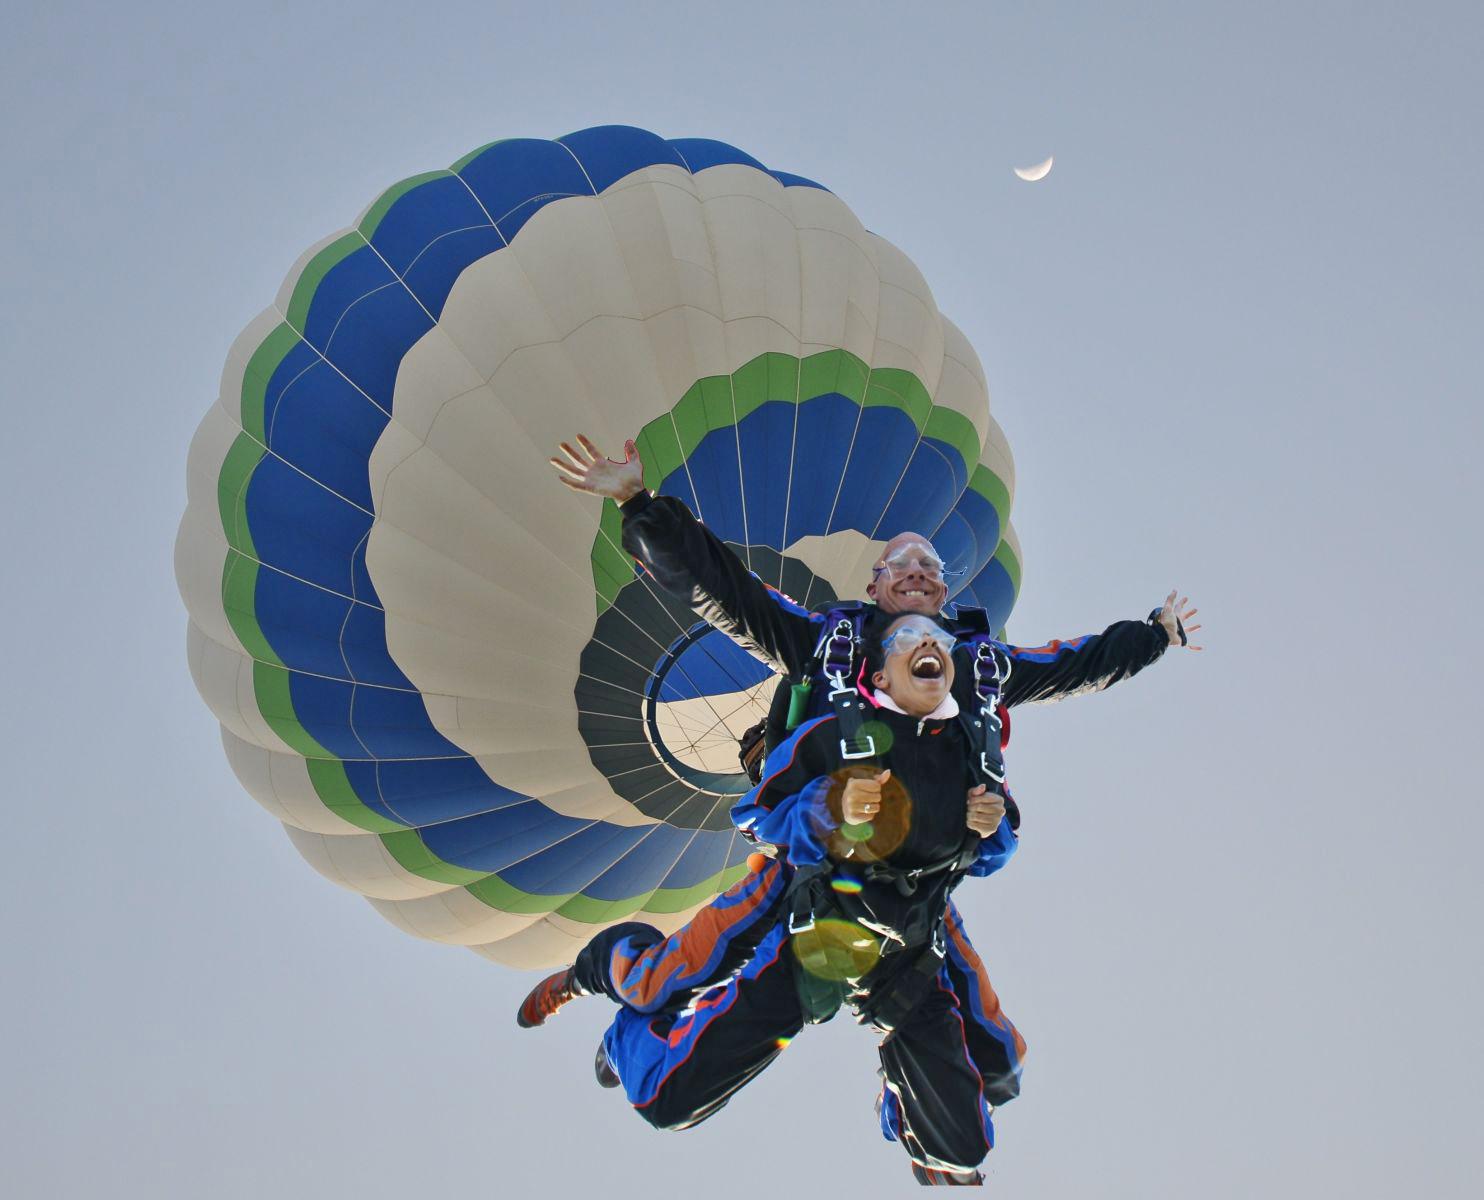 Skydiven vanuit een Luchtballon!